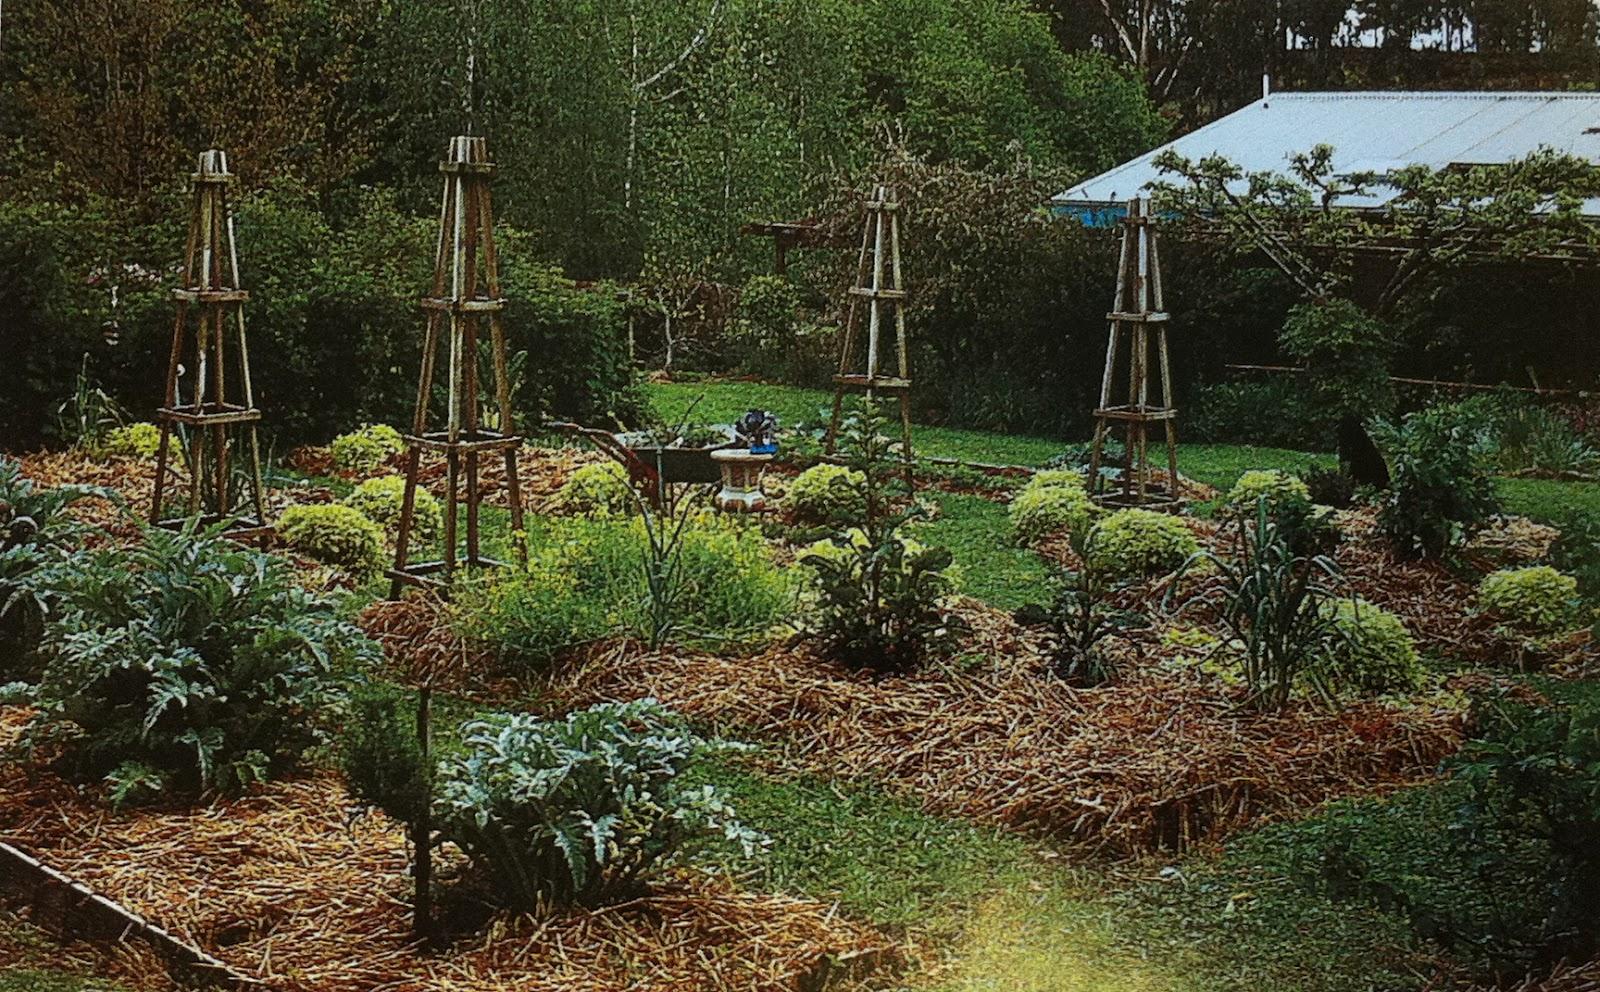 ou grama do seu jardim Veja abaixo o que você precisa e como fazer